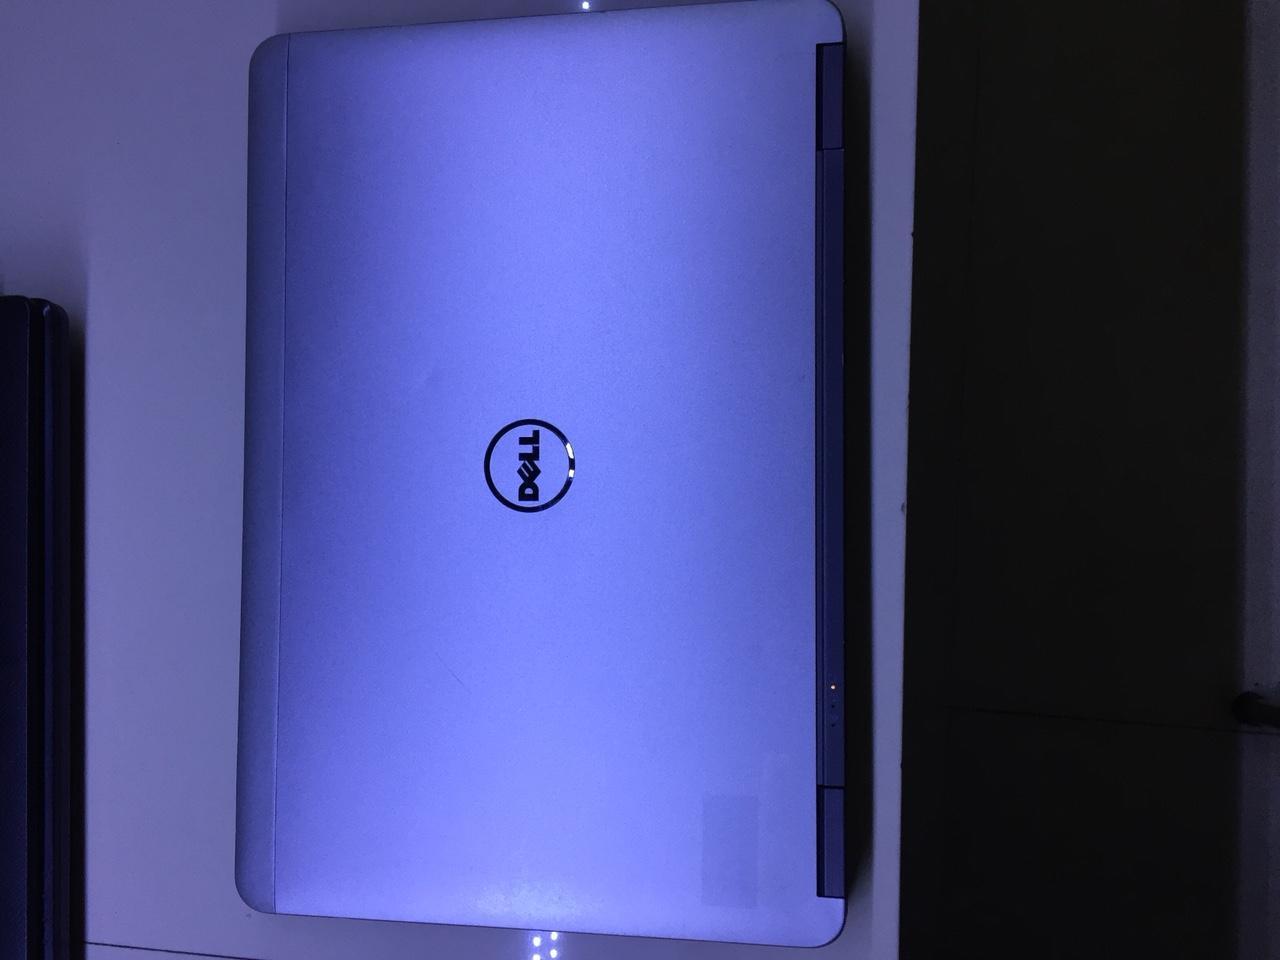 So sánh giá Laptop Dell Latitude E7240 Core i5 4300U, RAM 4GB, SSD 128GB, Intel HD Graphics 4400, Màn hình 12.5″ HD *** BH 1T Tại TIN HOC TIẾN VĂN ST